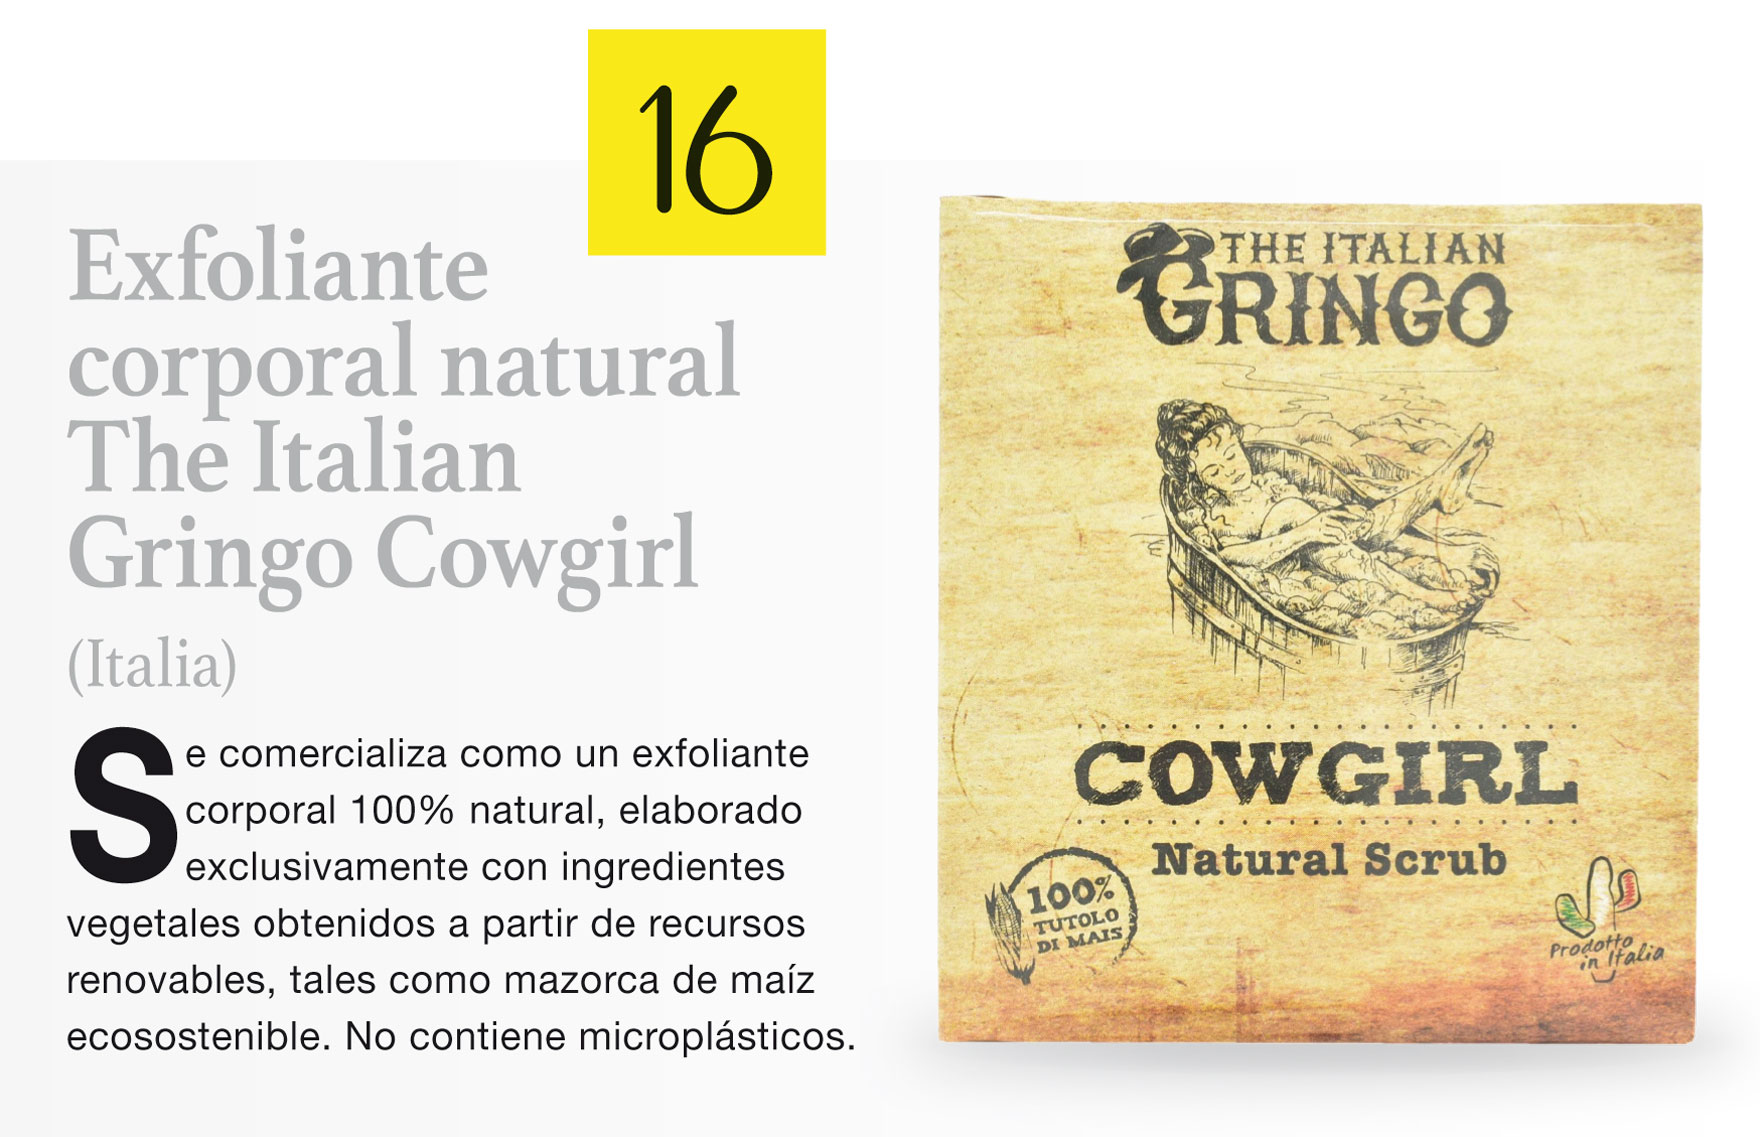 Exfoliante corporal natural The Italian Gringo Cowgirl